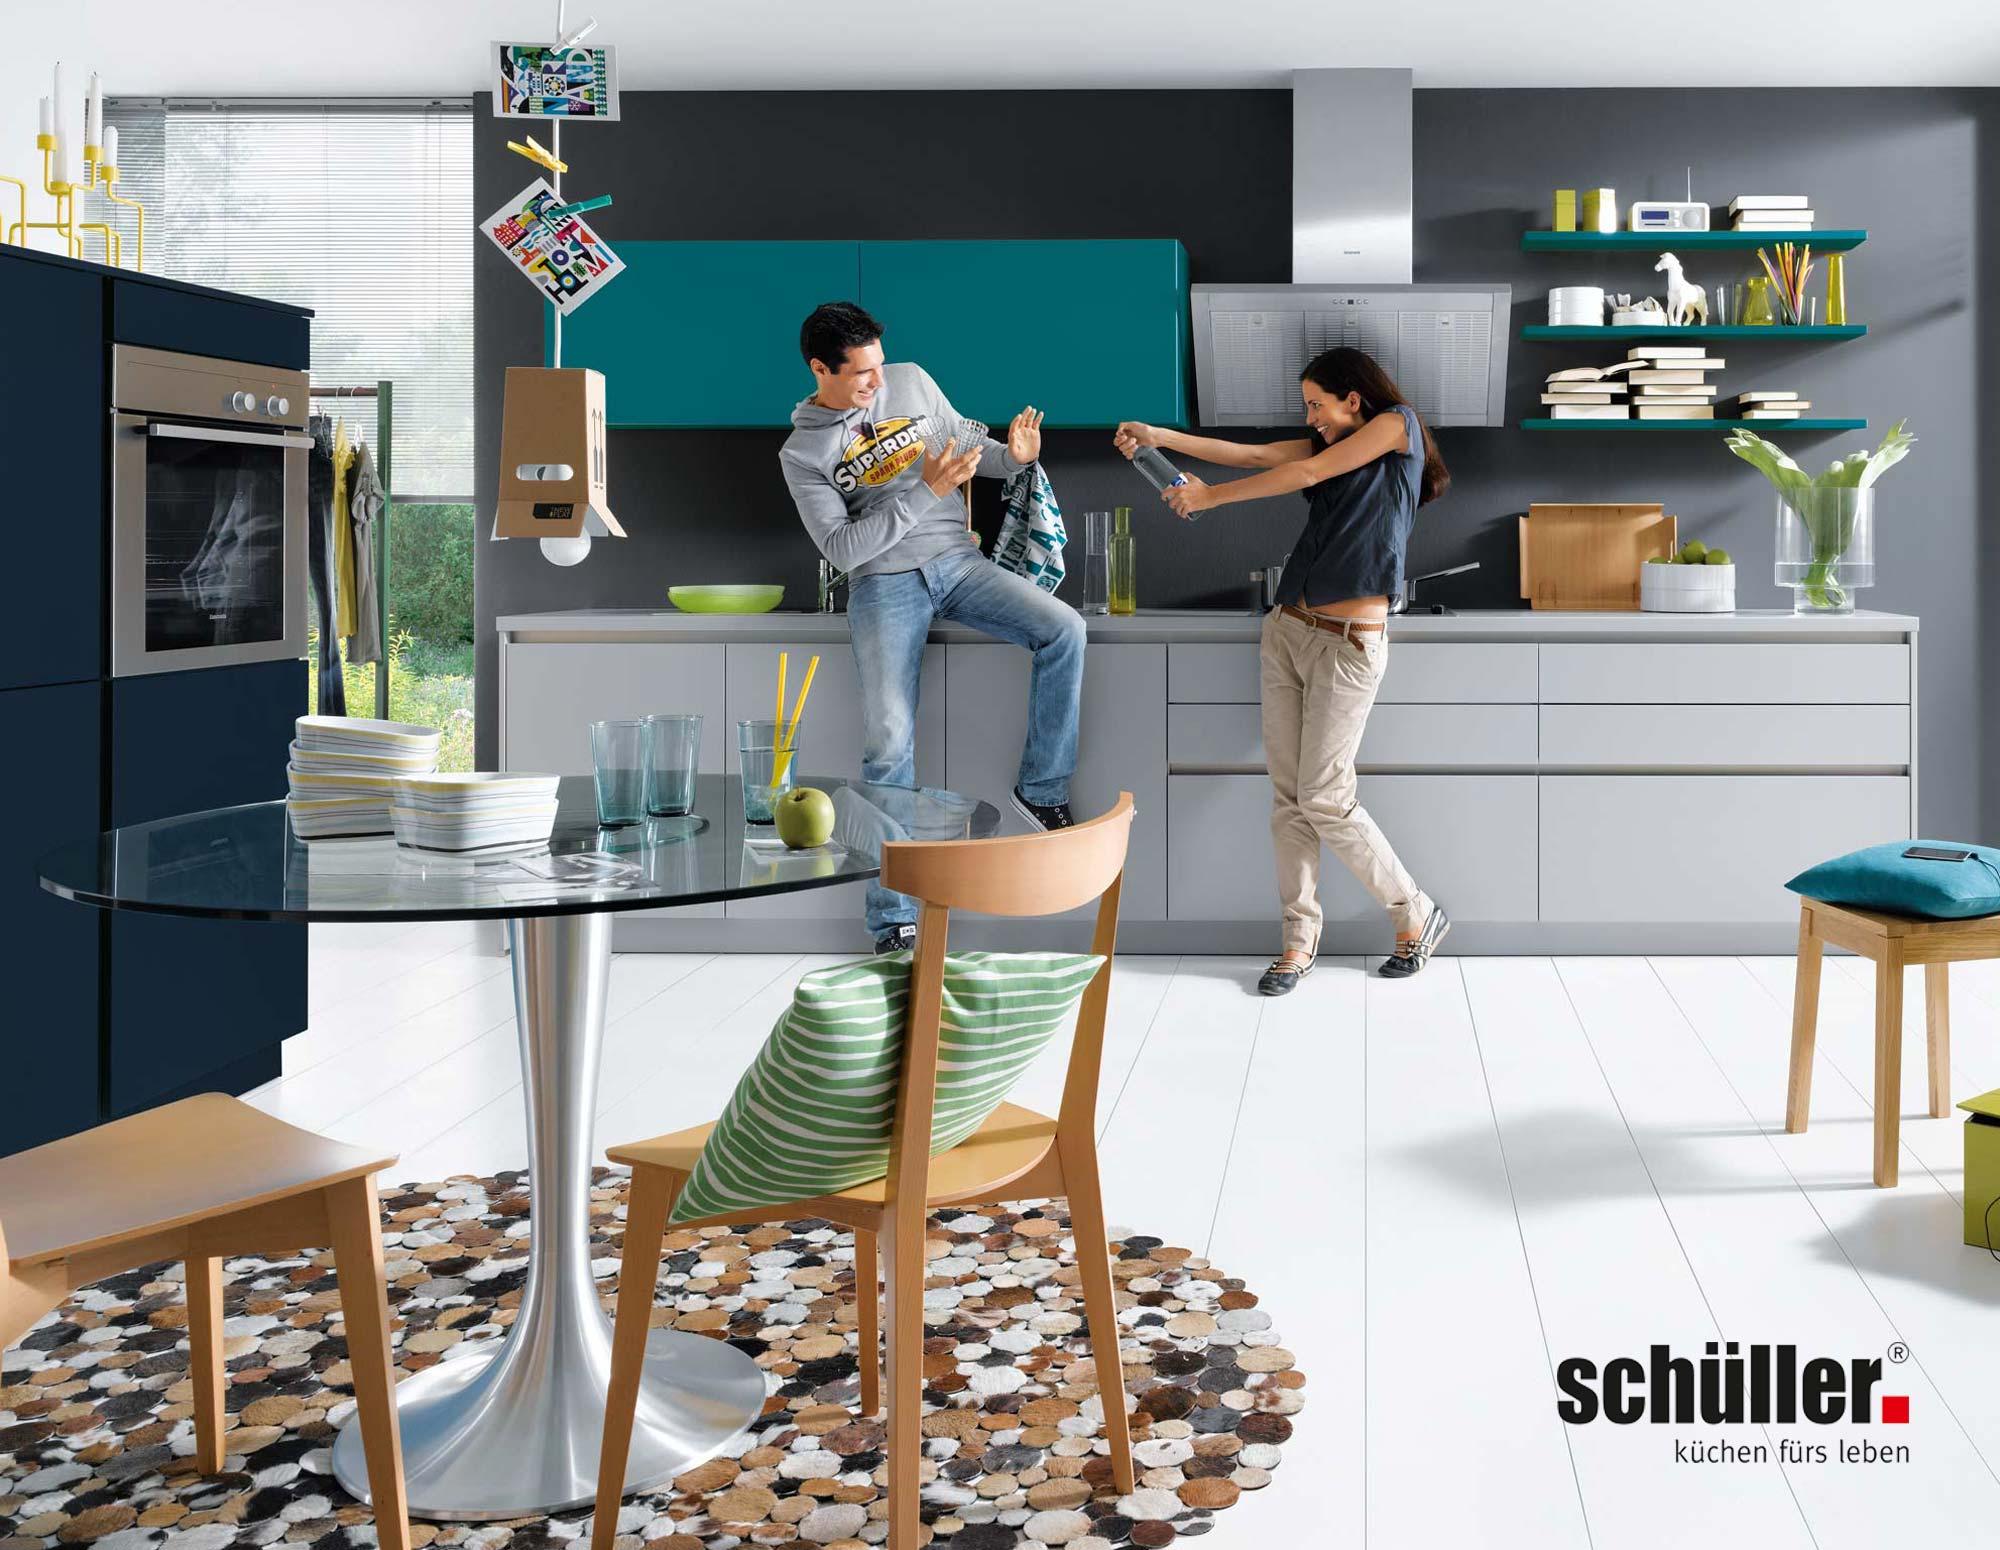 Schüller Nova Küche in grau/ petrol